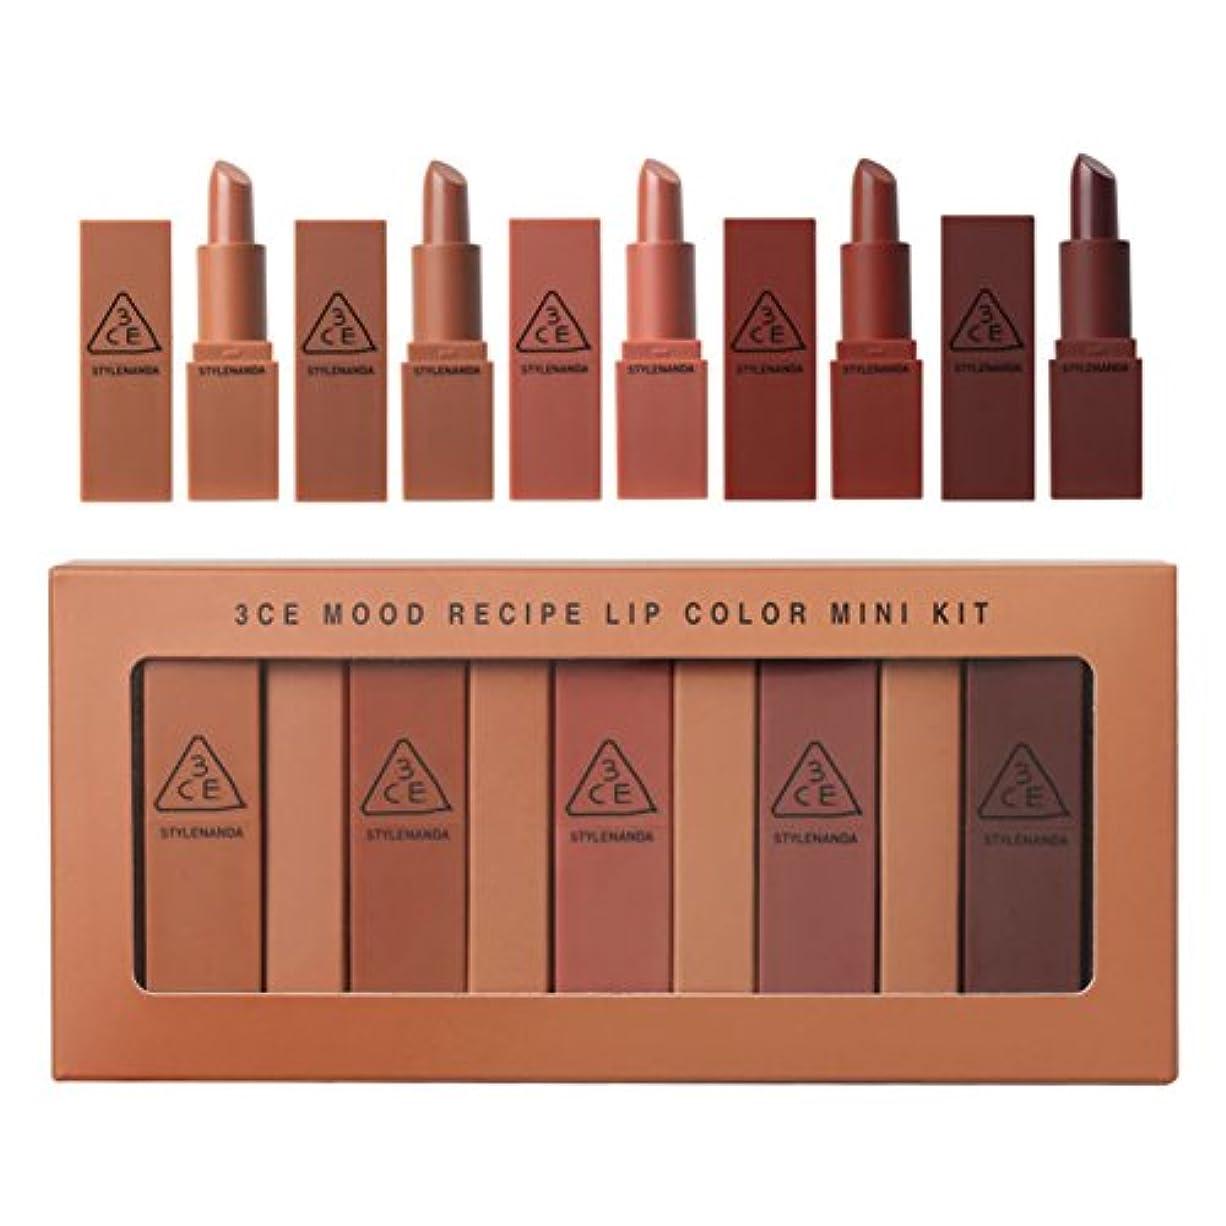 見習いあまりにもポンド3CE mood recipe lip color mini kit 3CE ムードレシピ リップ カラー ミニ キット[並行輸入品]